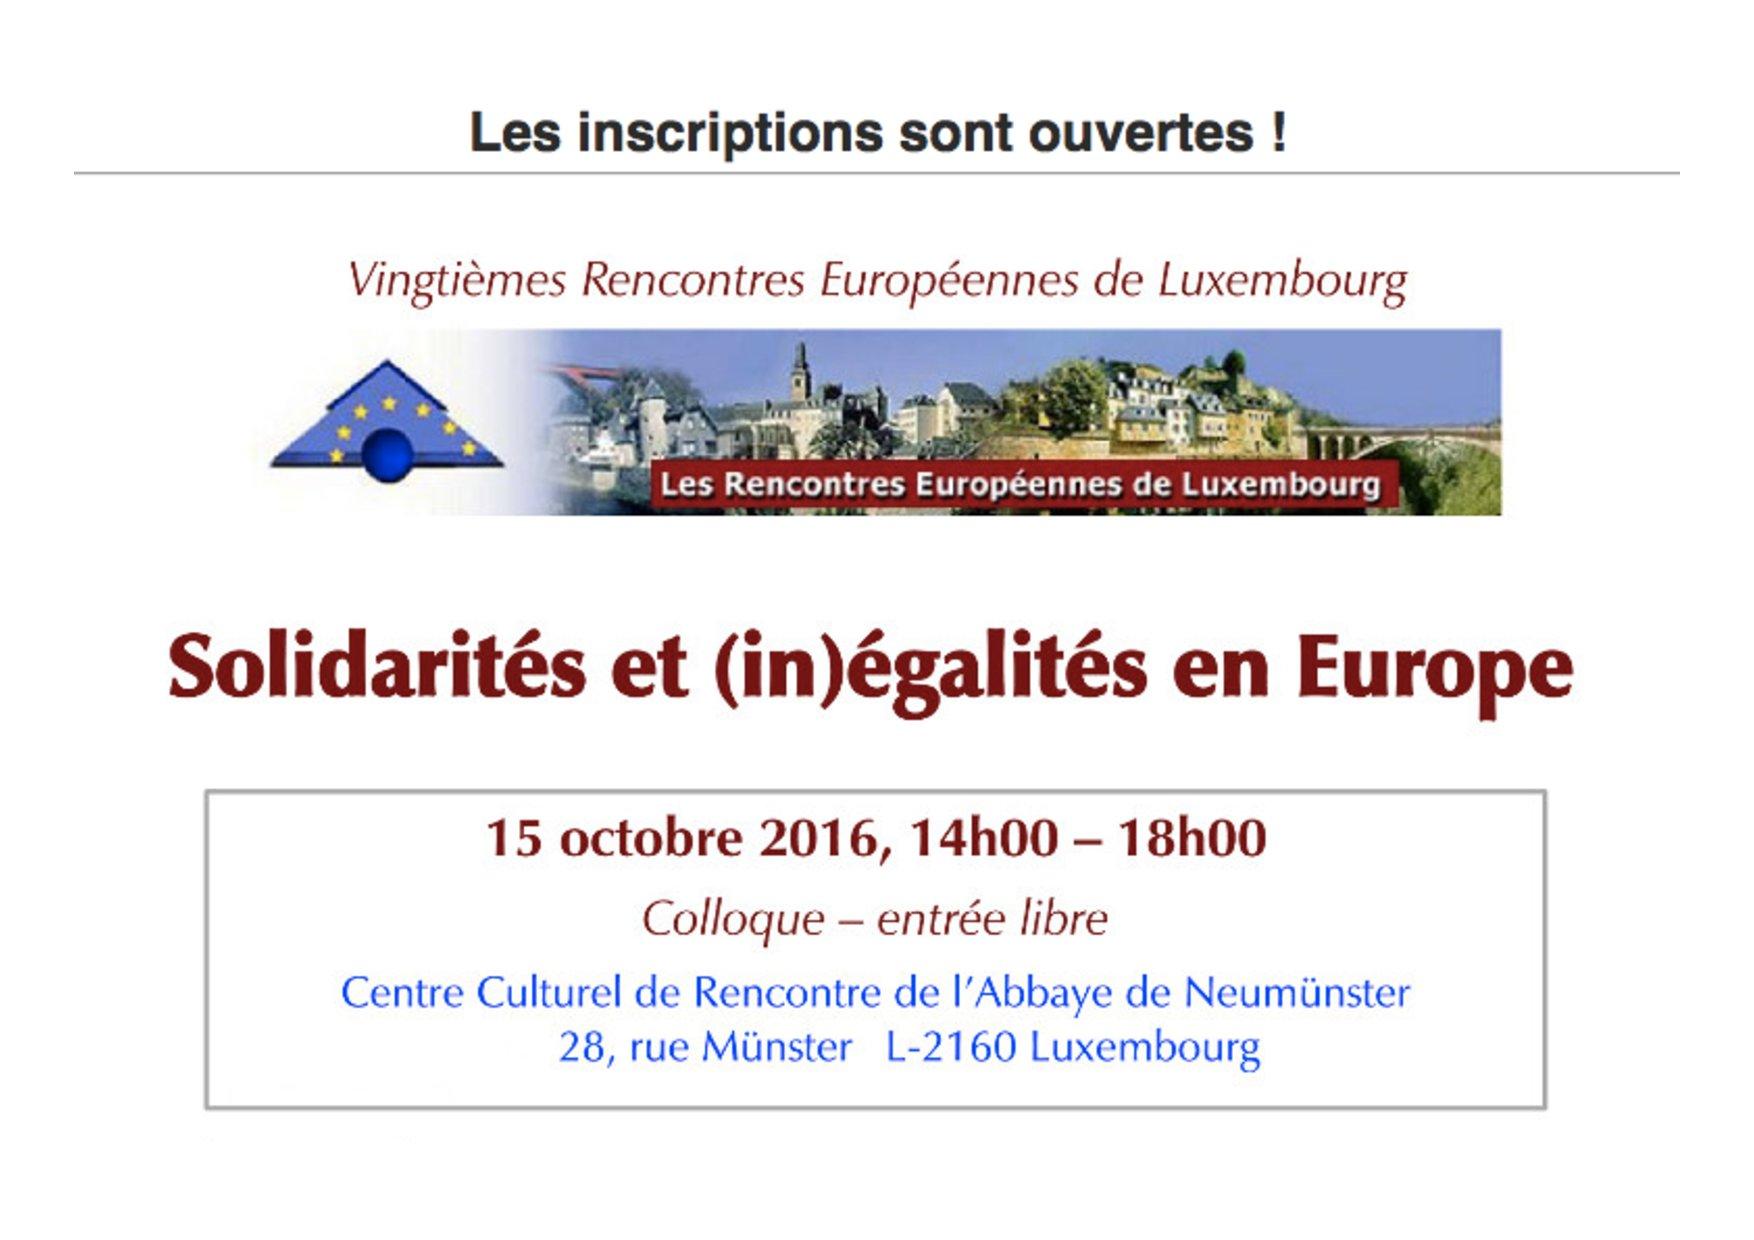 Solidarités et (in)égalités en Europe